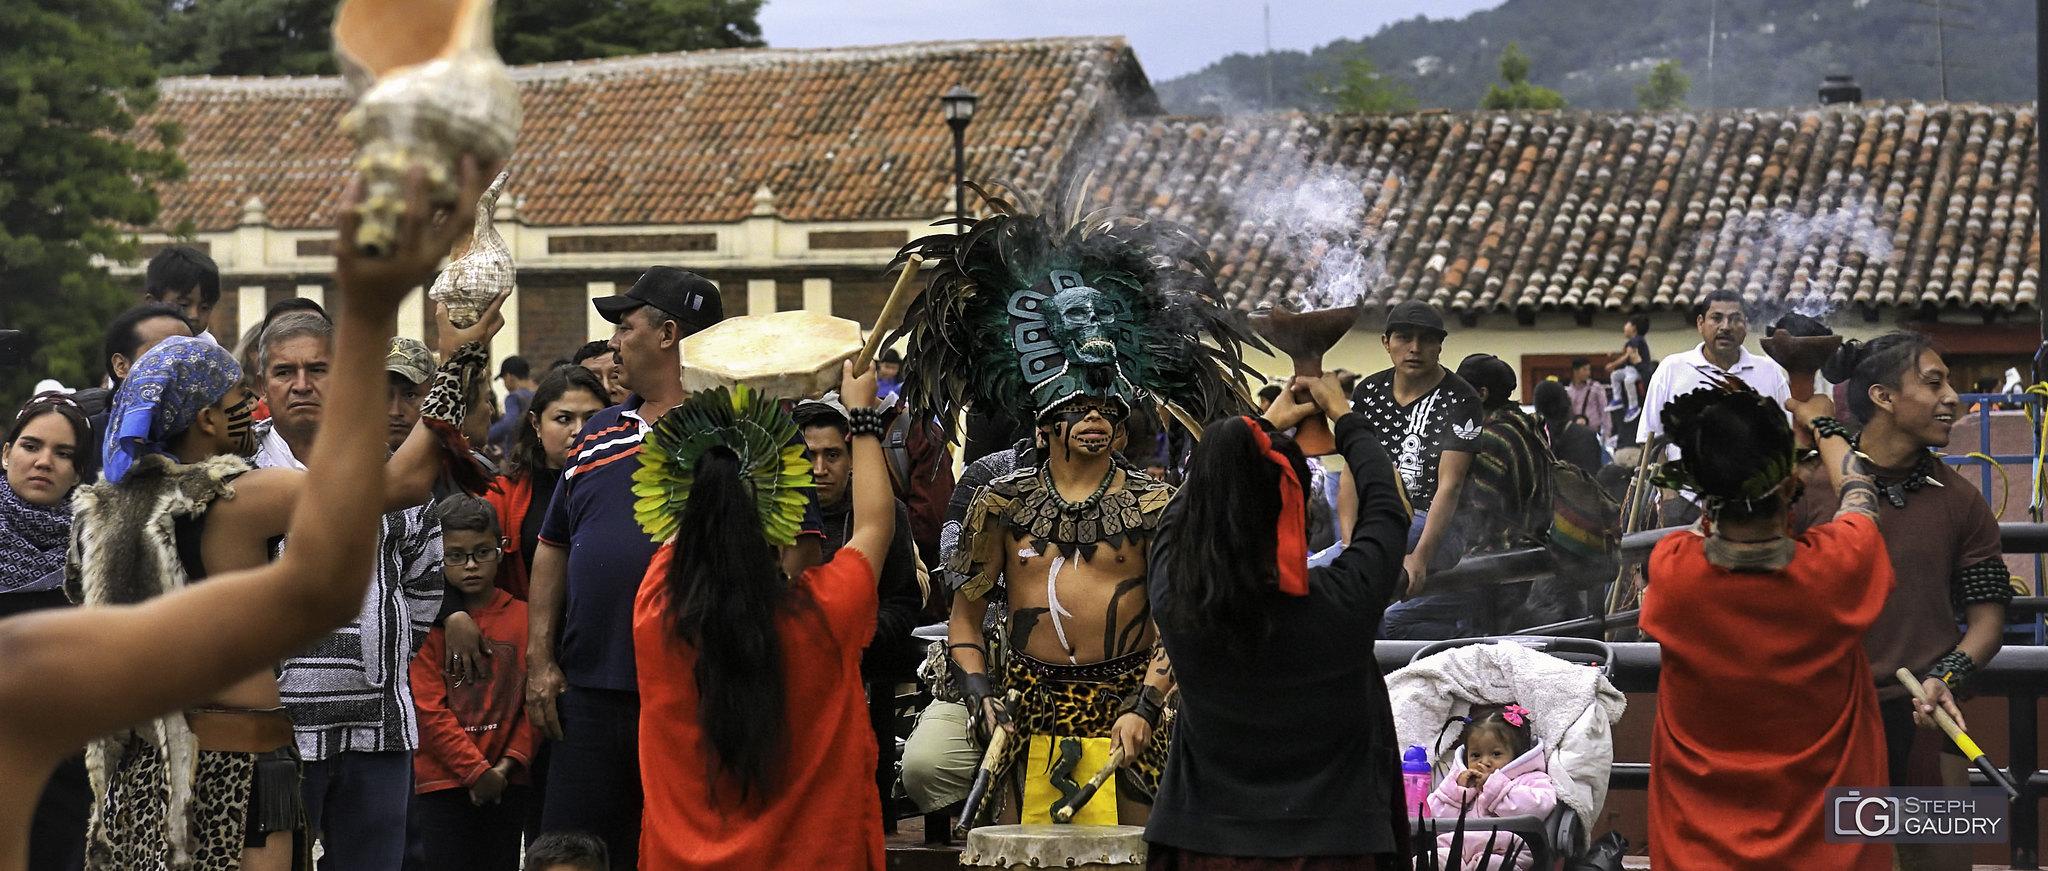 Danses rituelles à San Cristóbal de las Casas